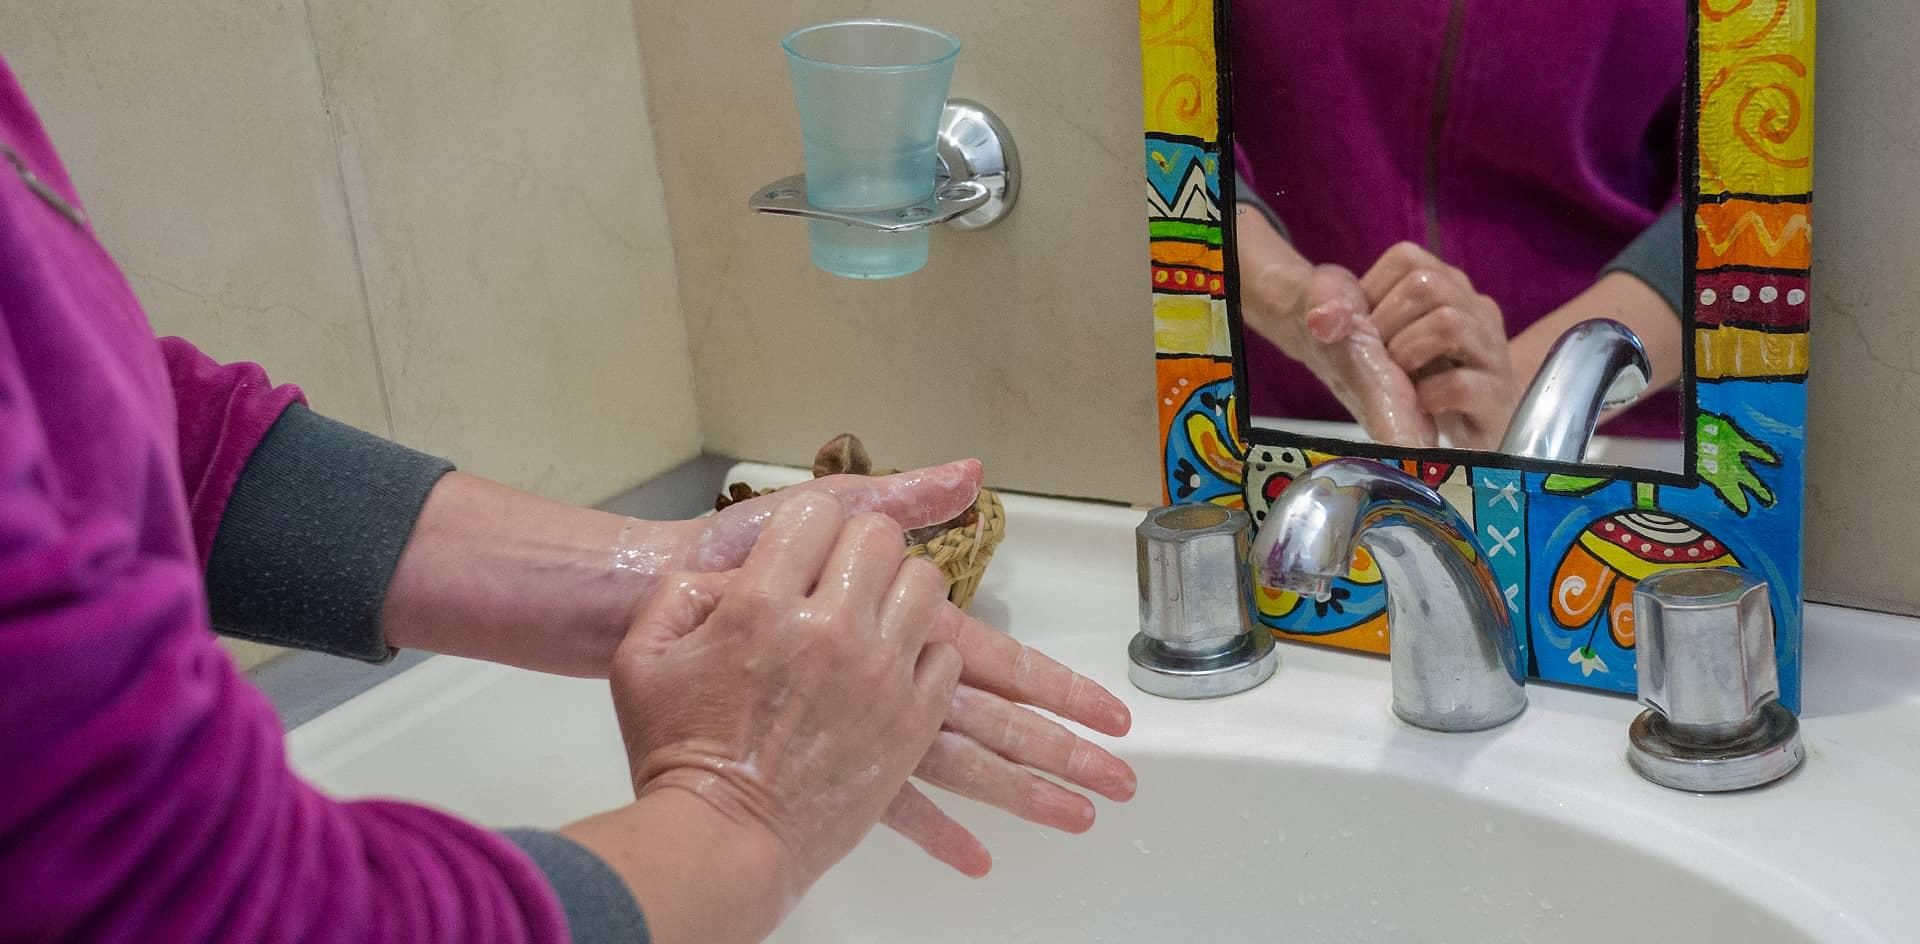 Lavado de manos en la pandemia: con la frecuencia adecuada, pero sin la duración suficiente